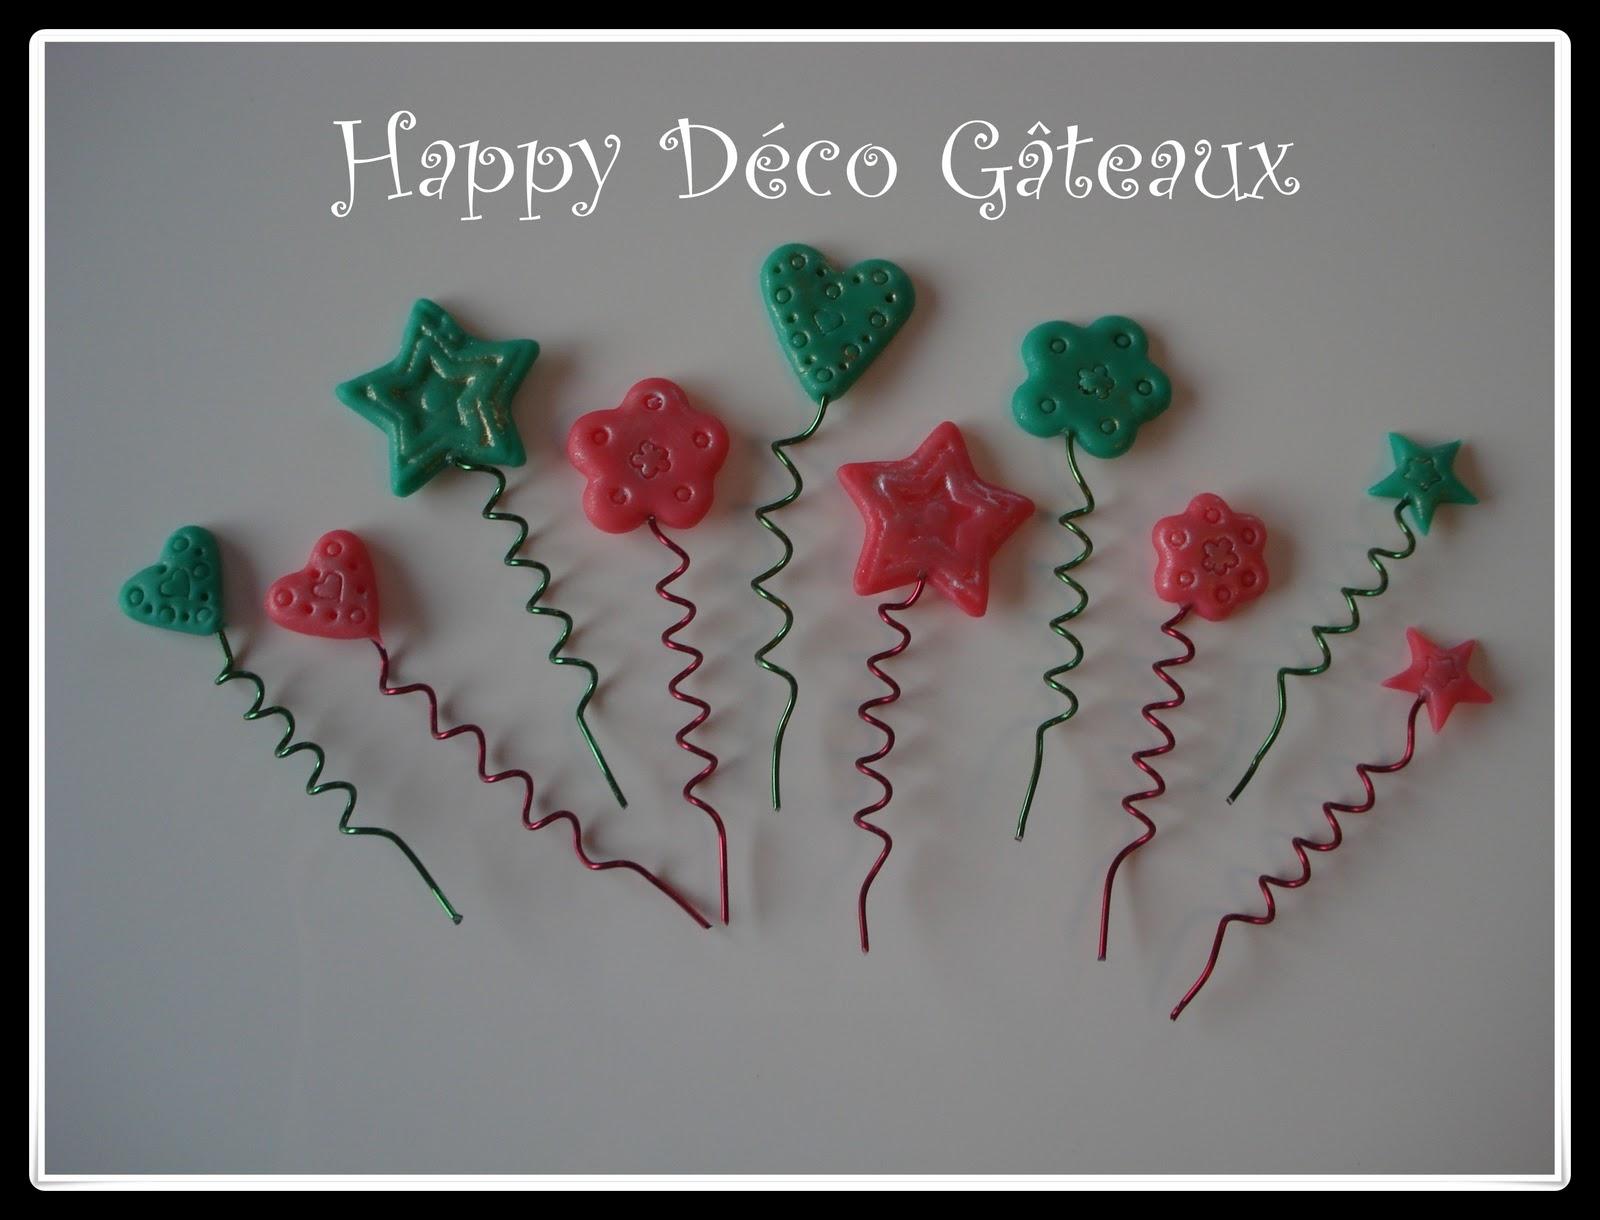 #205D49 HAPPY DECO GATEAUX Figurines Personnalisées En Porcelaine  7218 Deco Maison Pour Buche De Noel 1600x1220 px @ aertt.com